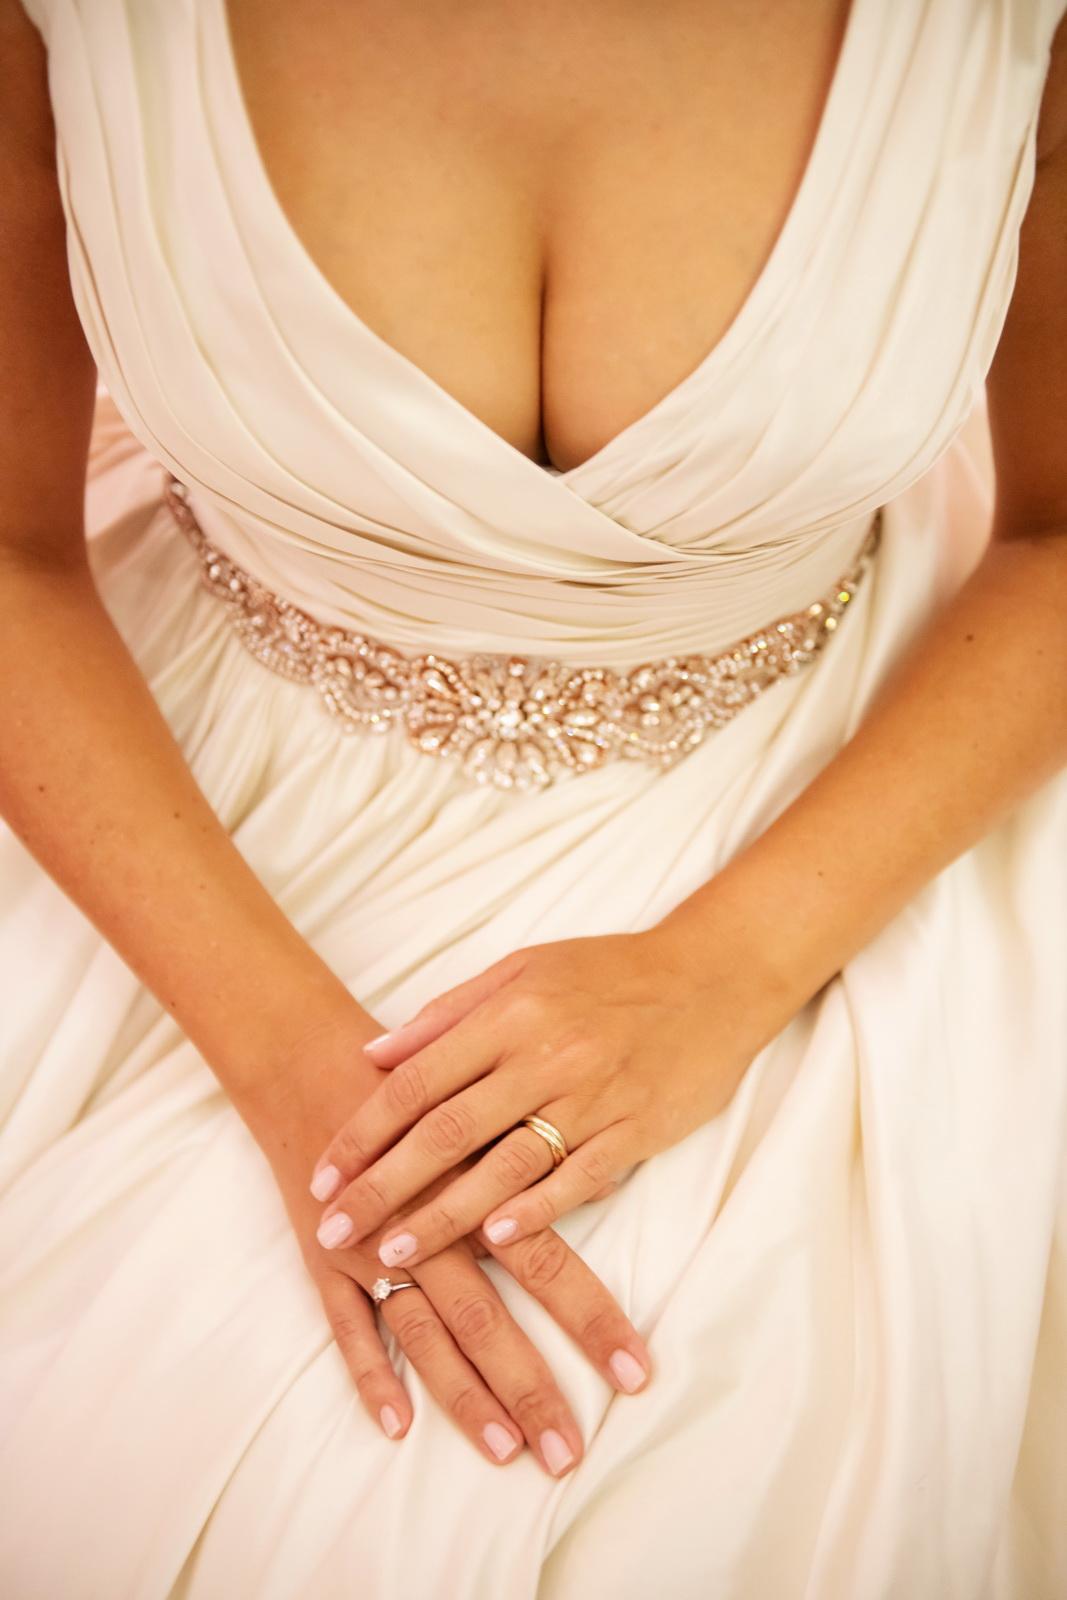 Alexandra{{_AND_}}Dávid - Manikura bola jemnucka, len na lavom prstenniku som mala malicku rose gold hviezdicku.